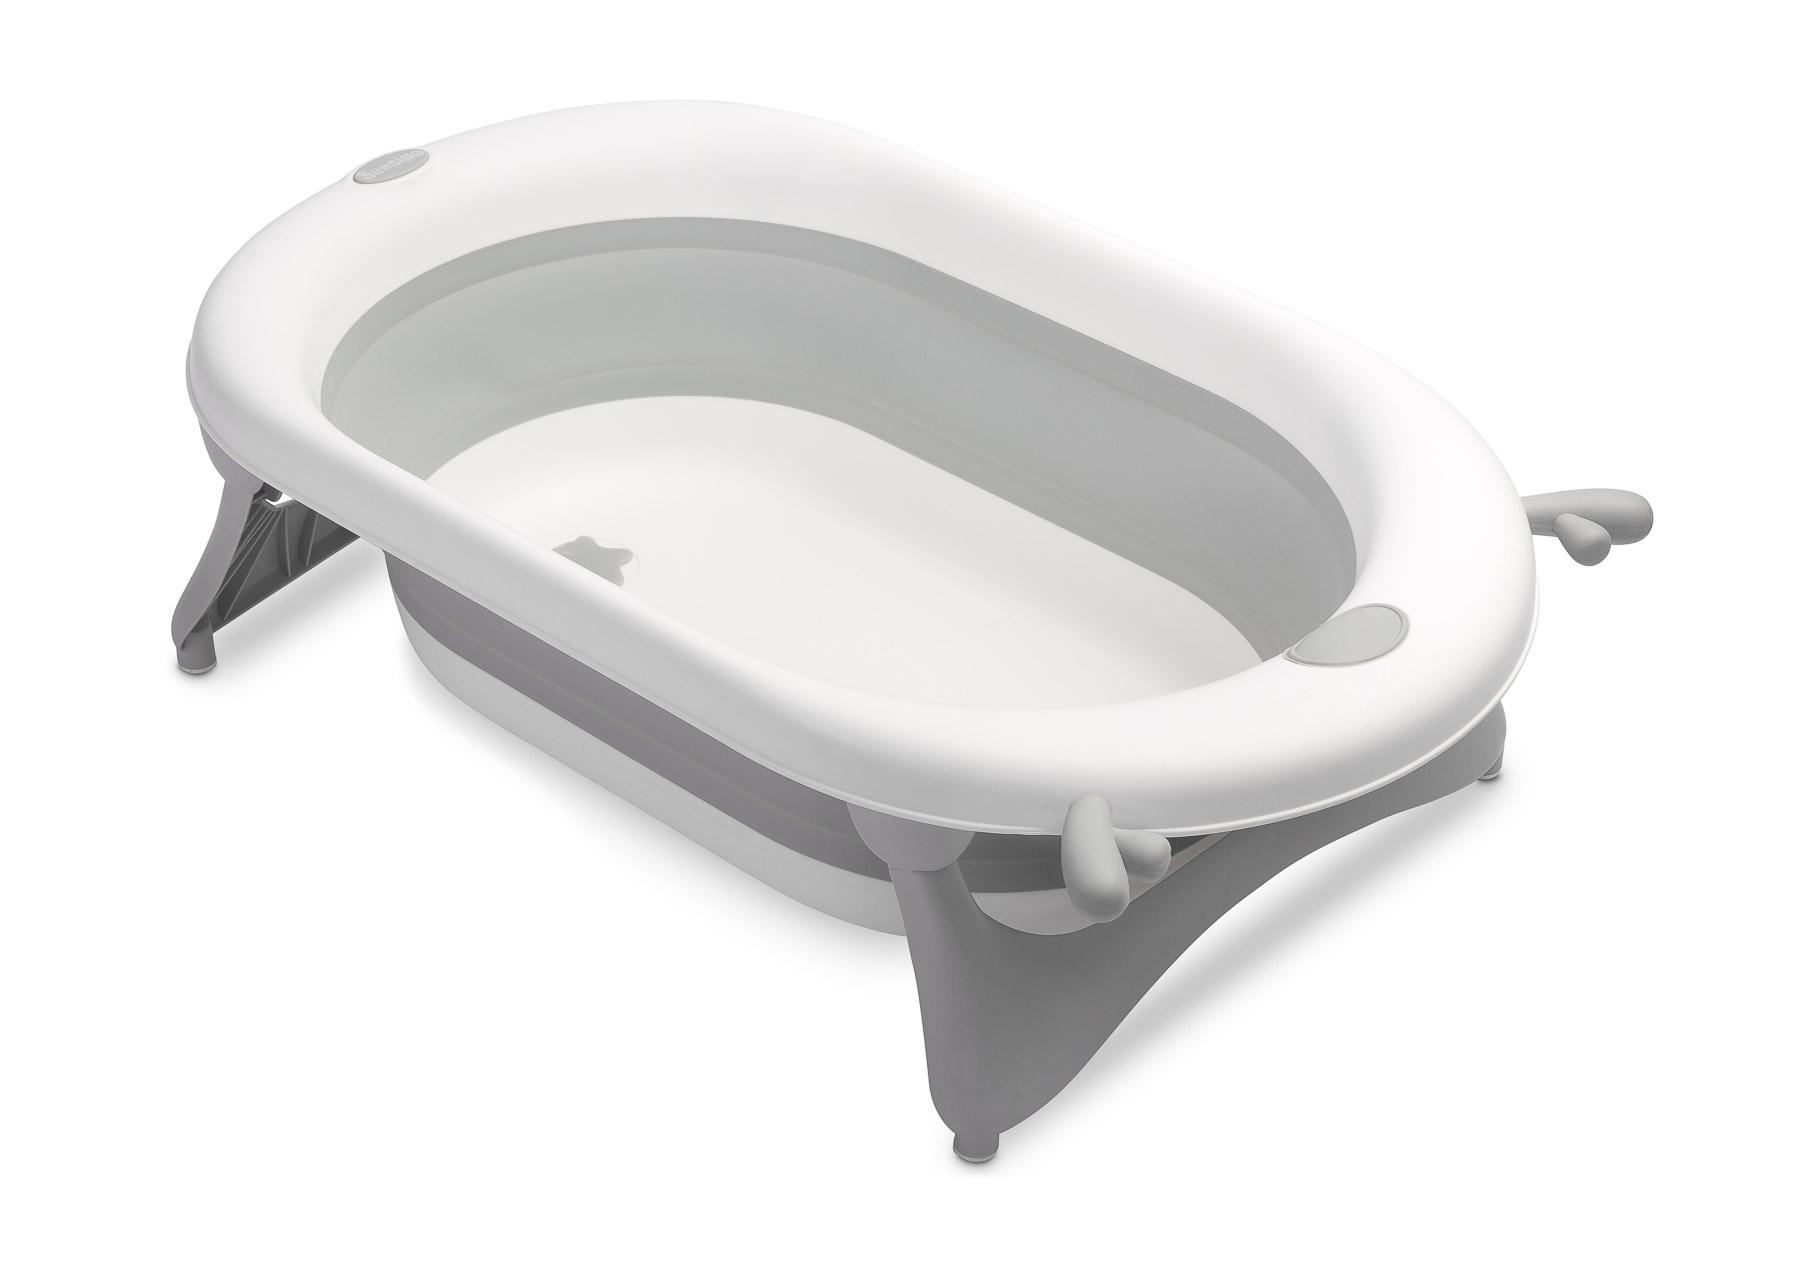 Foldable travel bath tub – grey